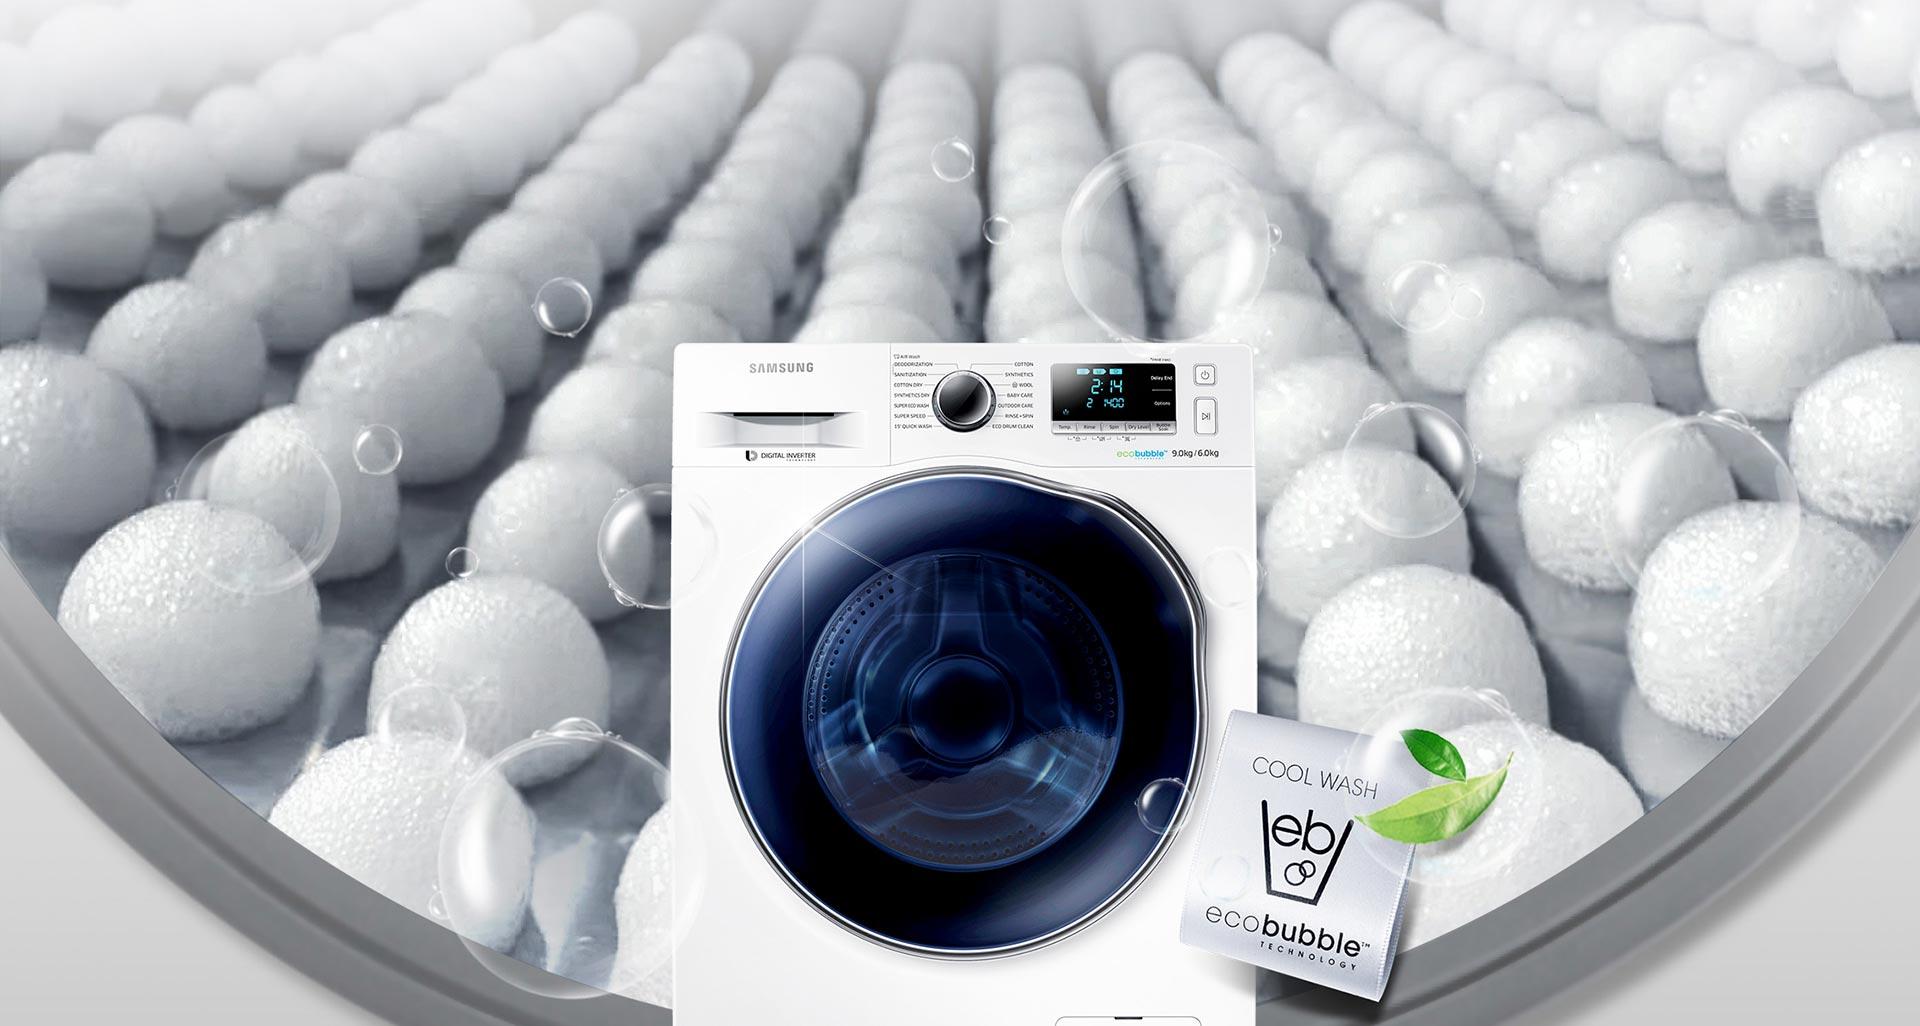 شست و شو در دمای کم، صرفه جویی در مصرف انرژی